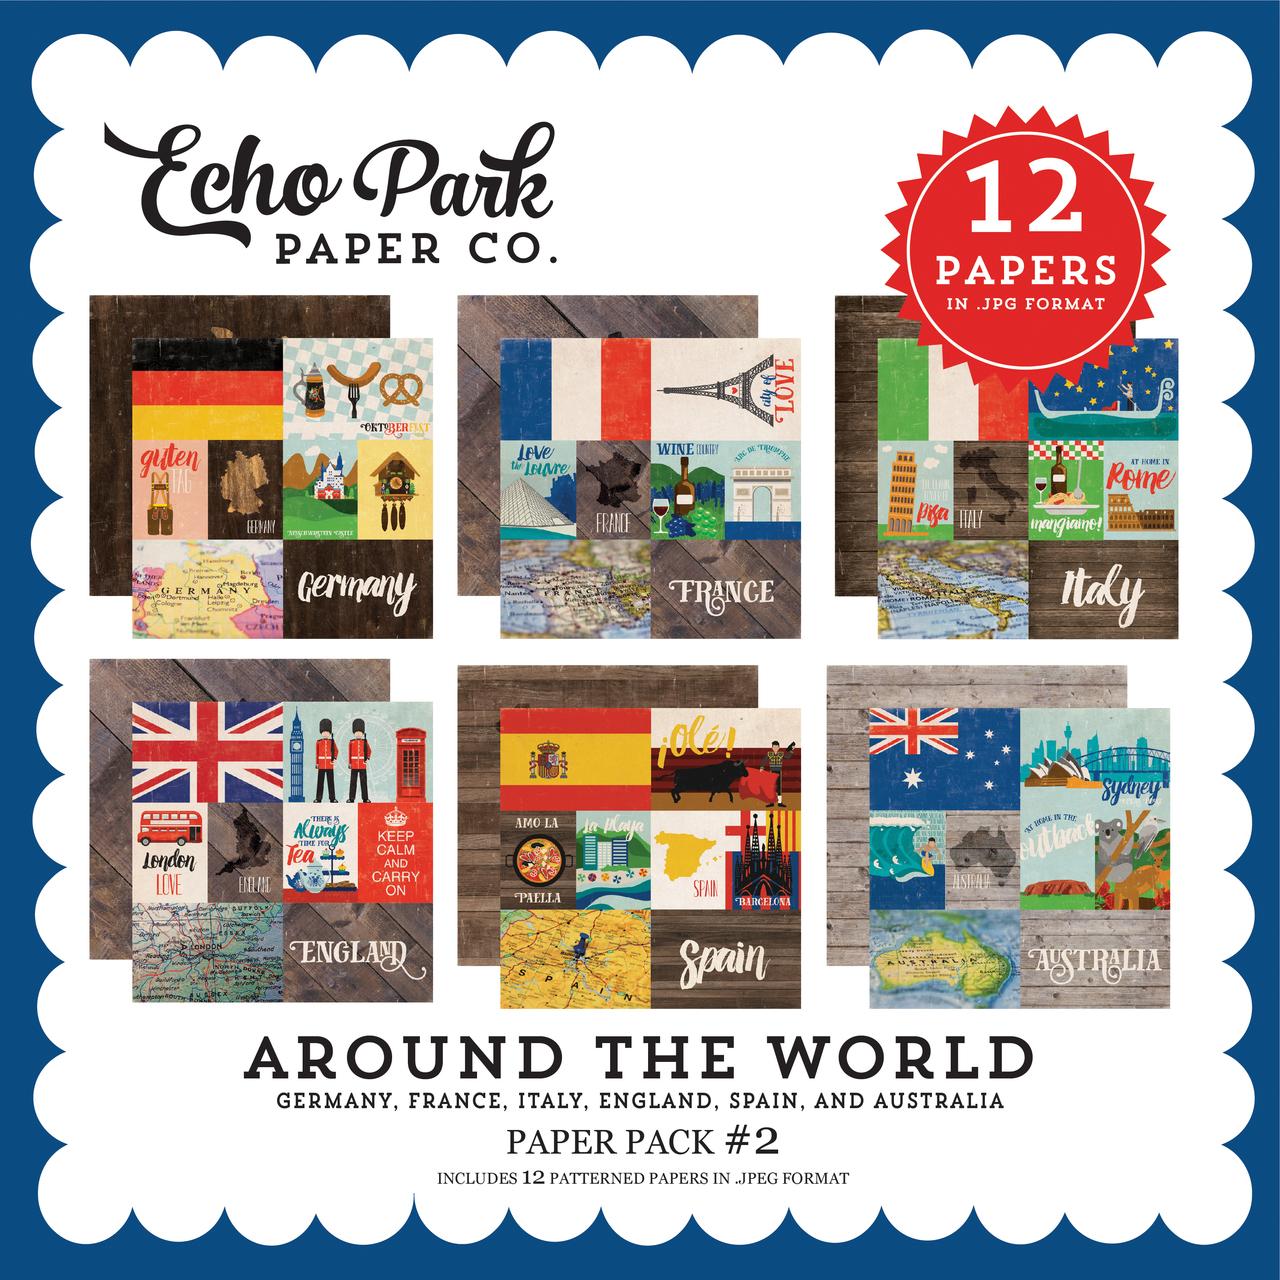 Around the World Paper Pack #2